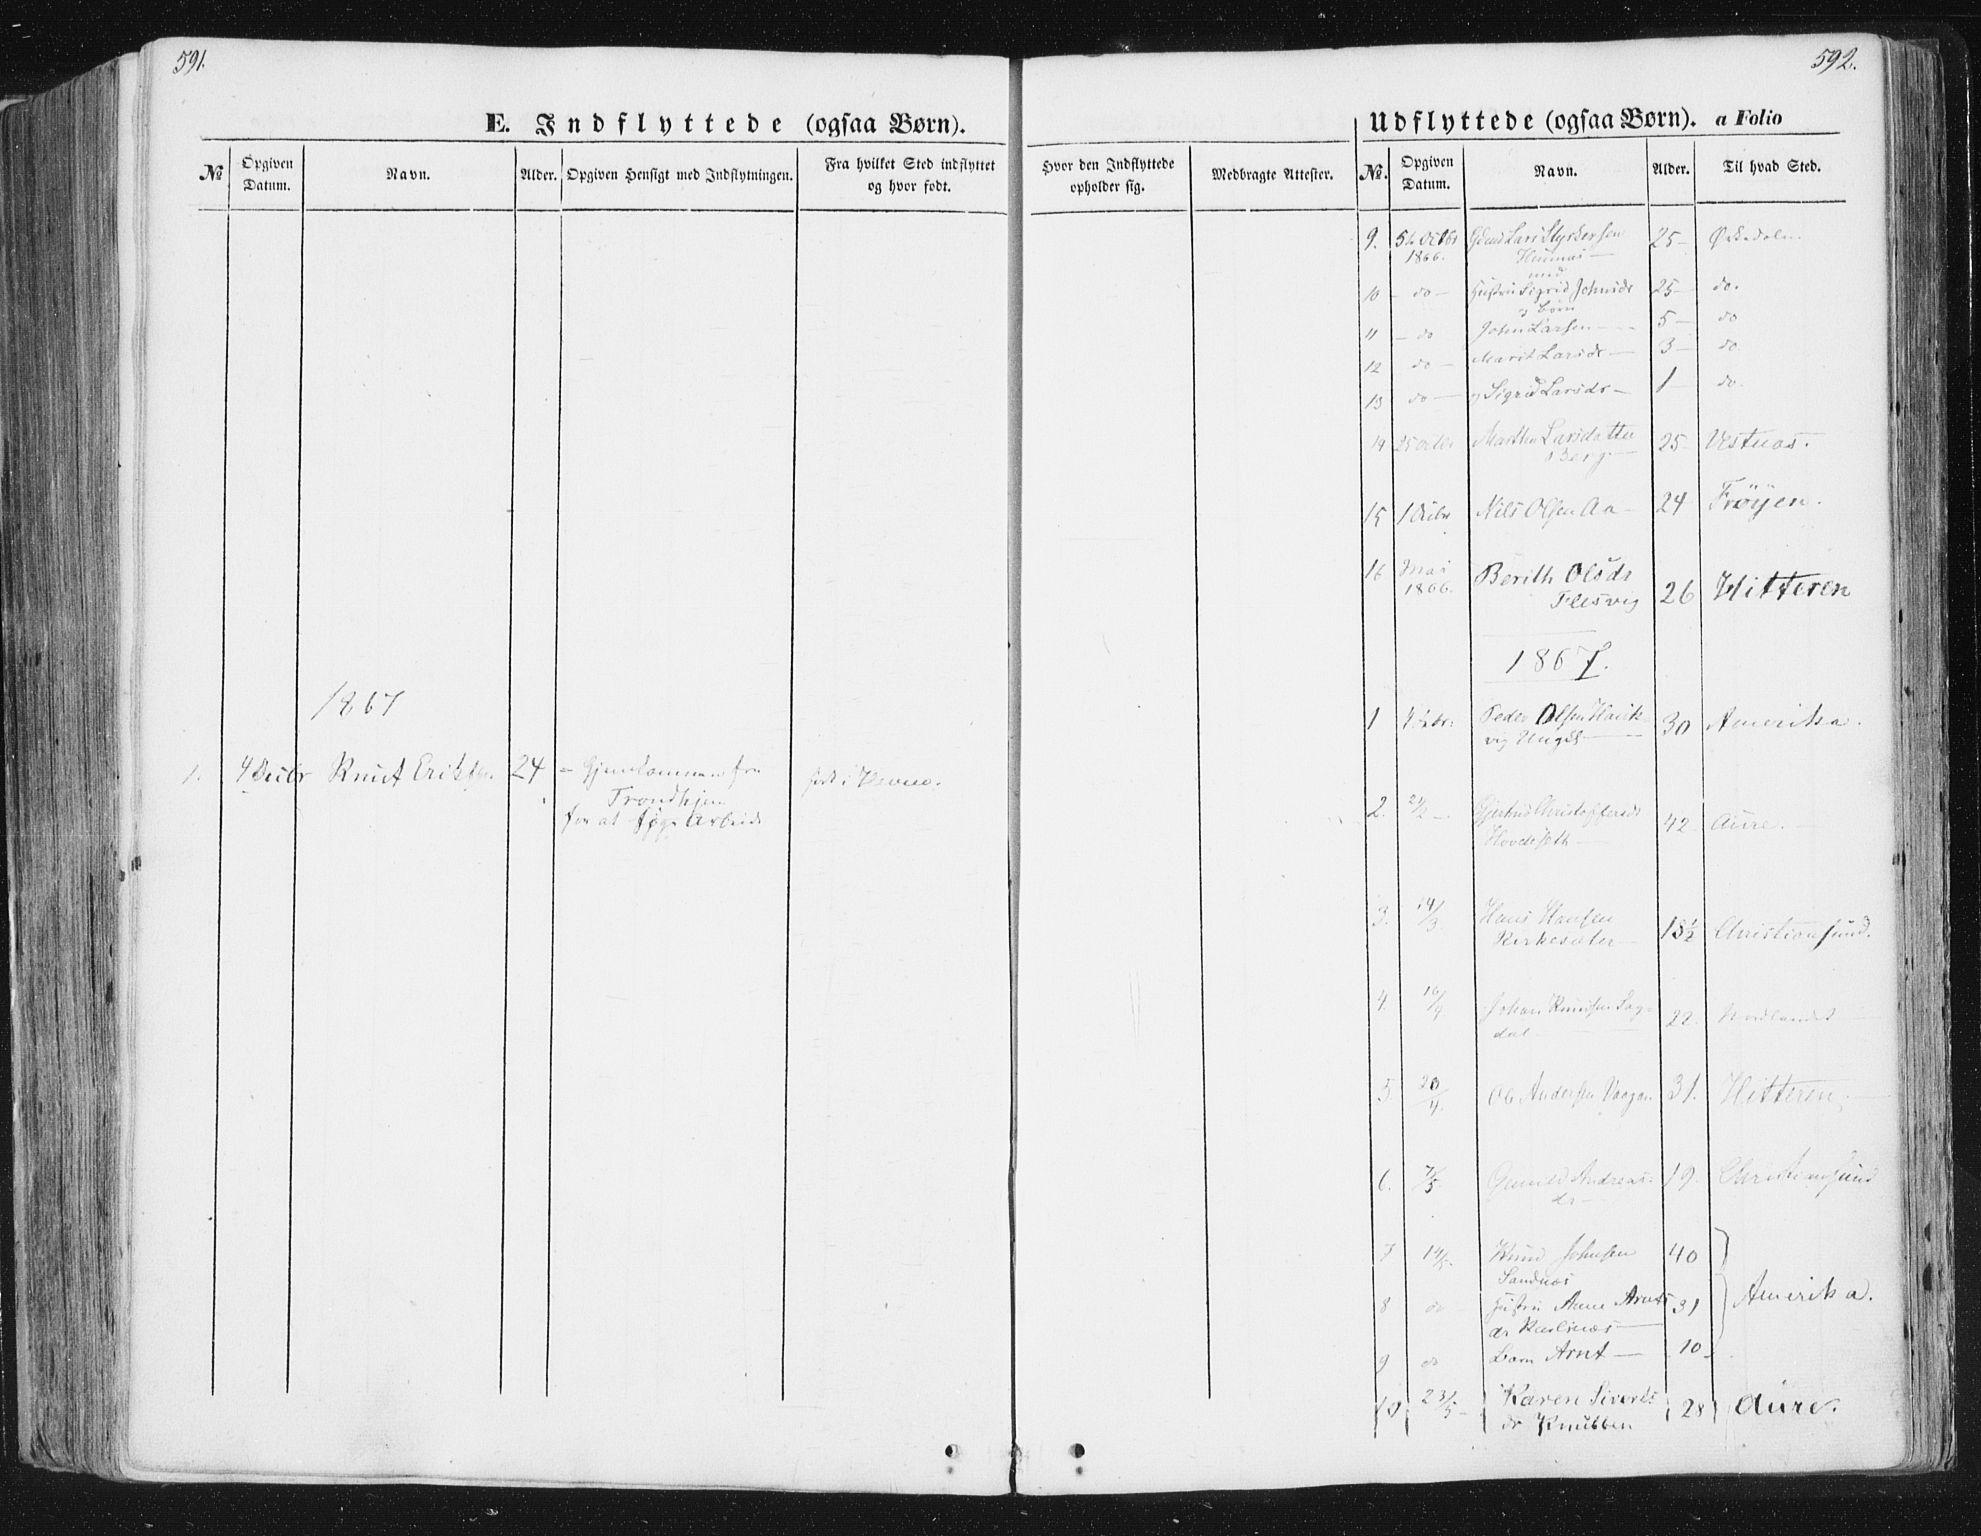 SAT, Ministerialprotokoller, klokkerbøker og fødselsregistre - Sør-Trøndelag, 630/L0494: Ministerialbok nr. 630A07, 1852-1868, s. 591-592